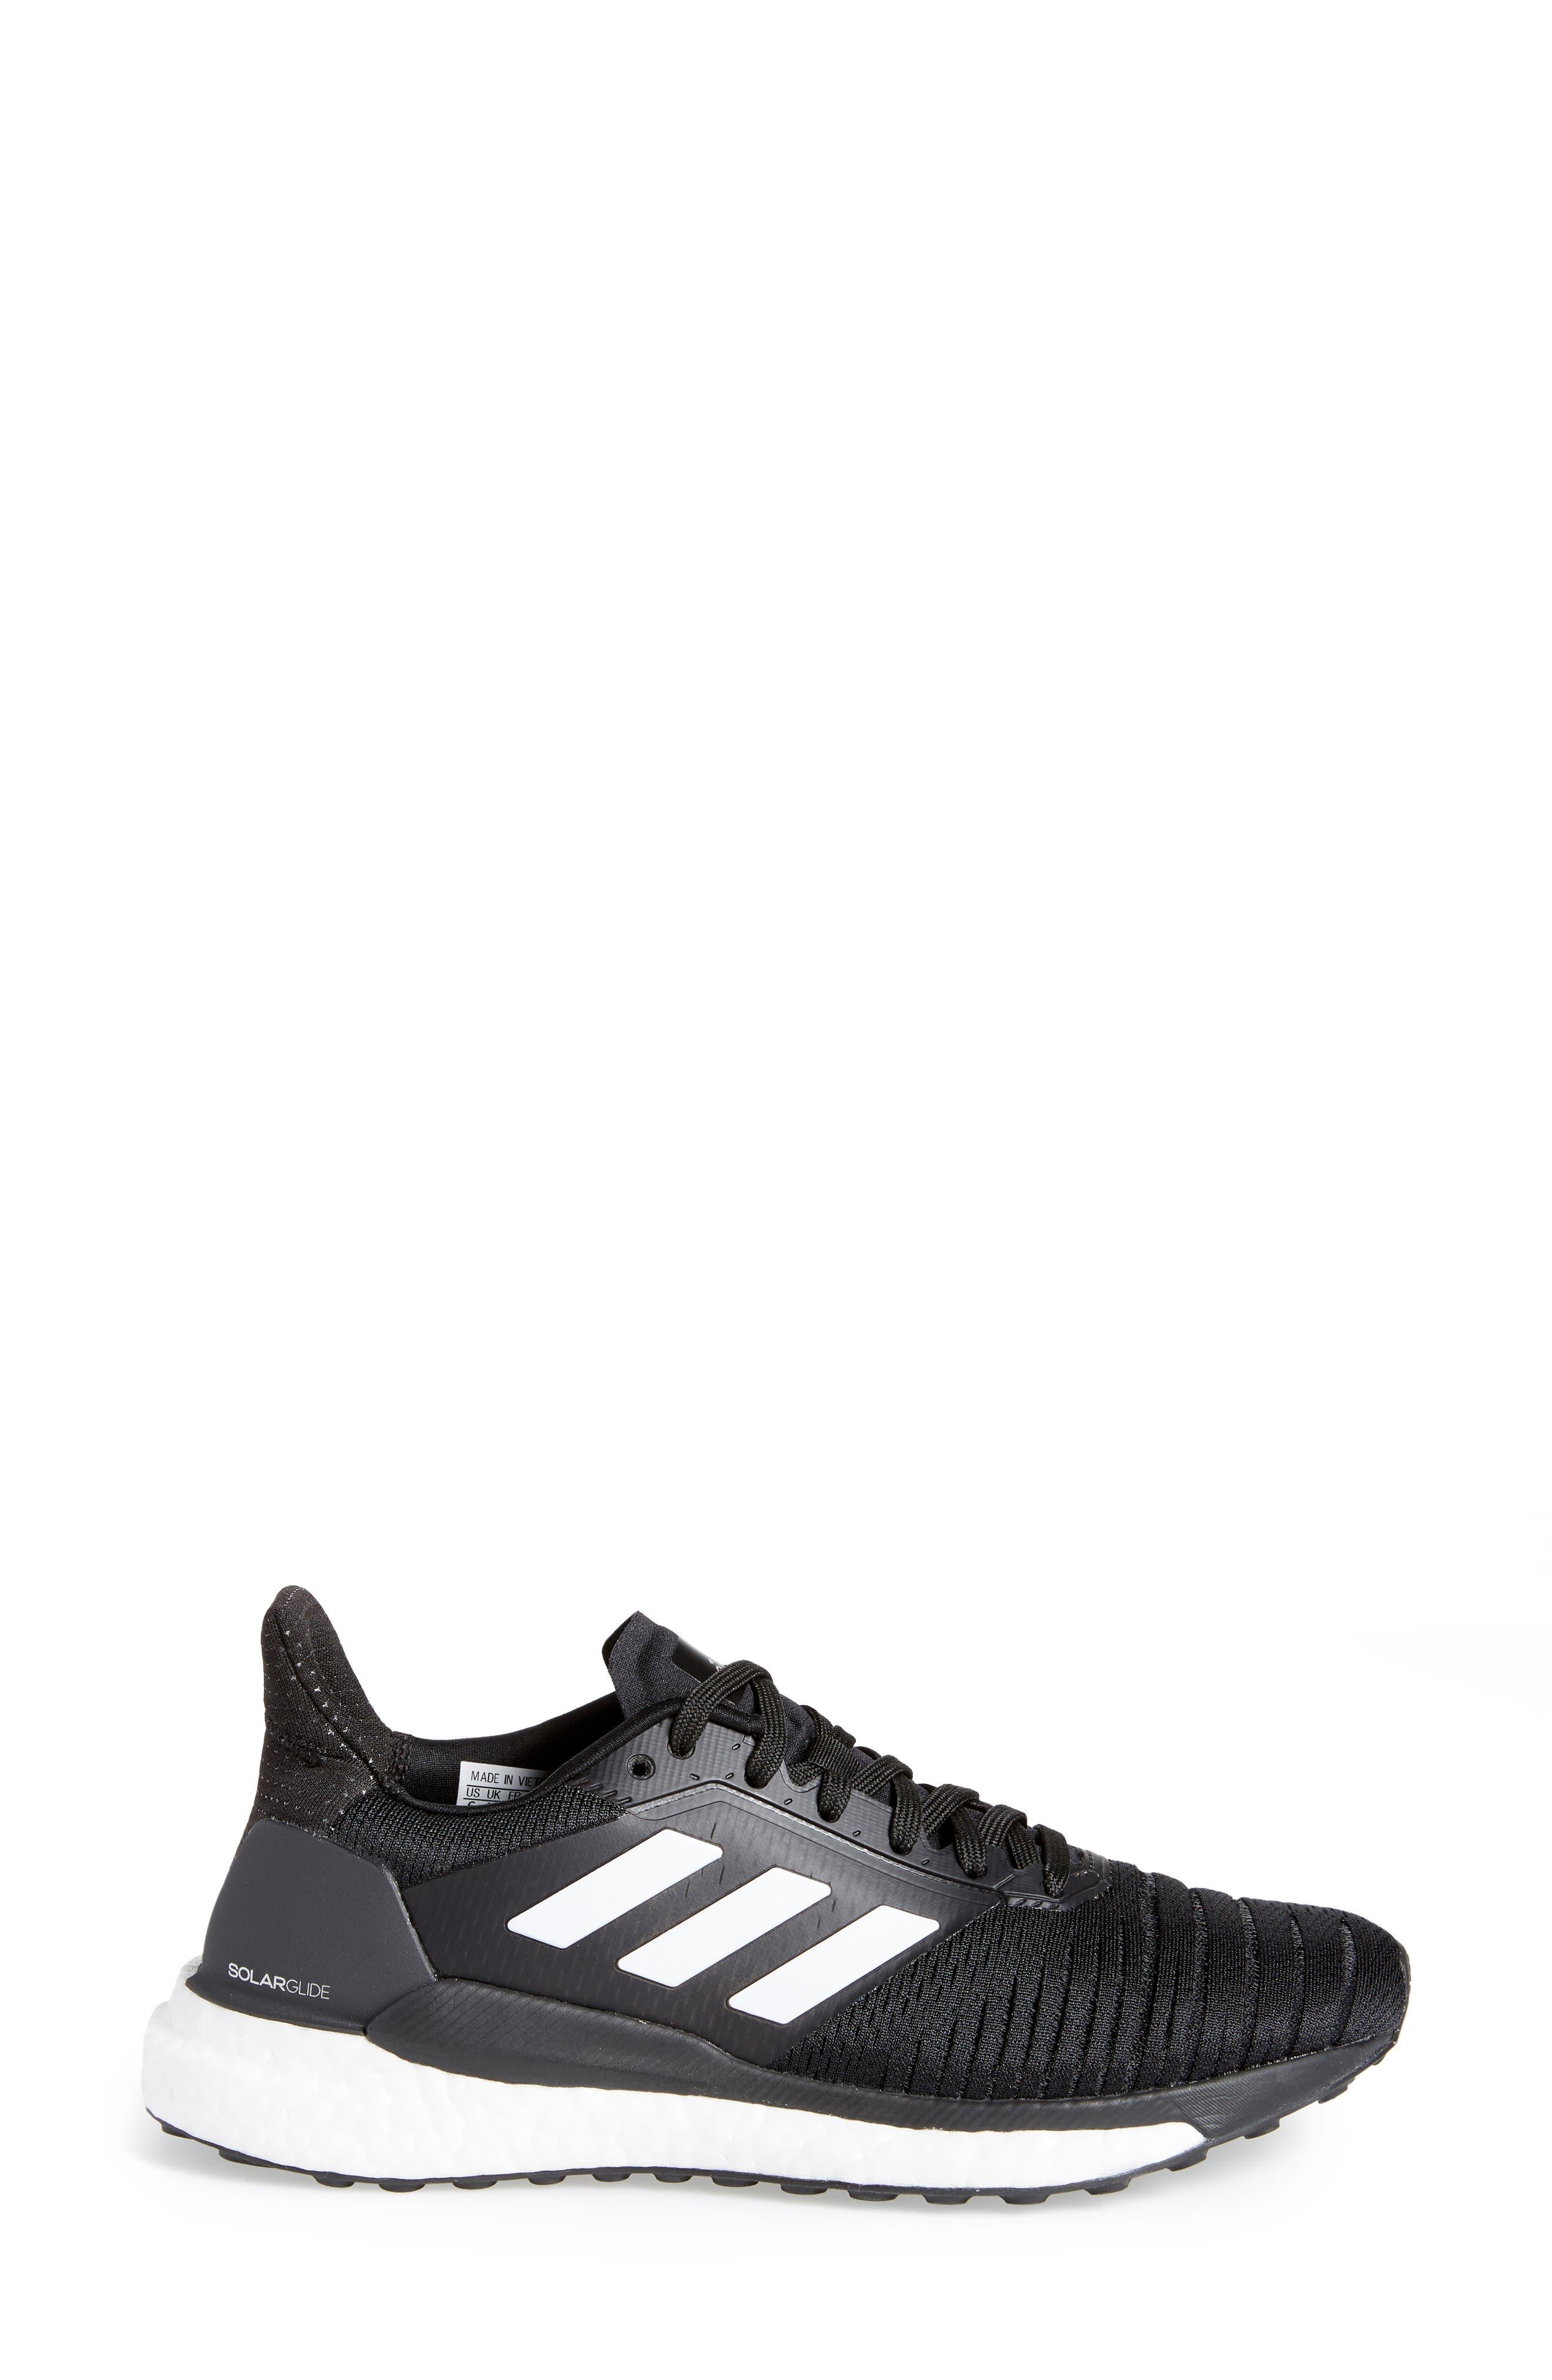 Solar Glide Running Shoe,                             Alternate thumbnail 3, color,                             BLACK/ WHITE/ BLACK